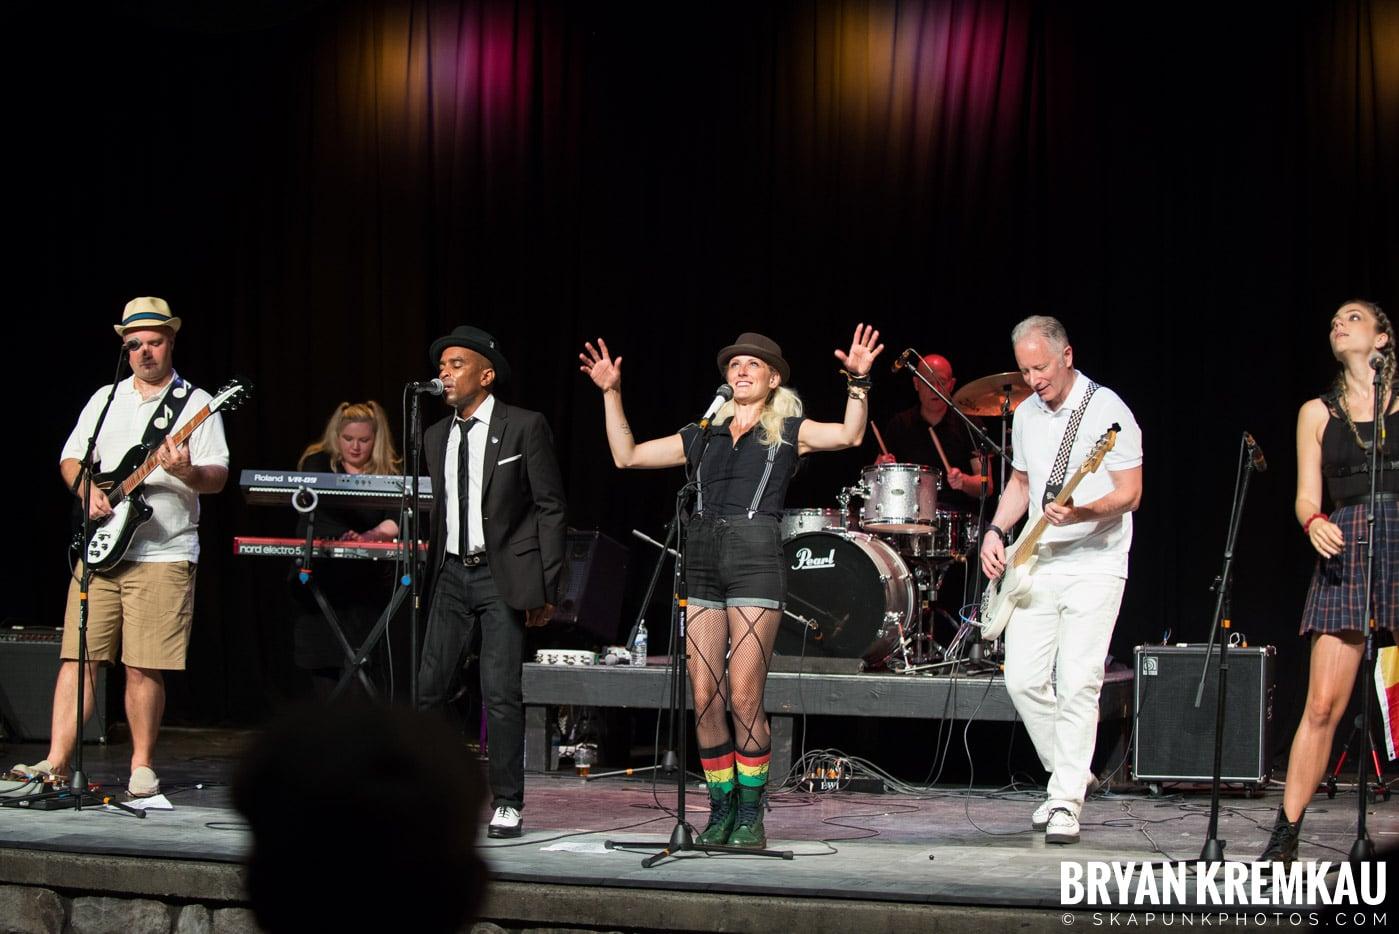 Rude Boy George @ Oskar Schindler Performing Arts Center, West Orange, NJ - 8.19.17 (26)